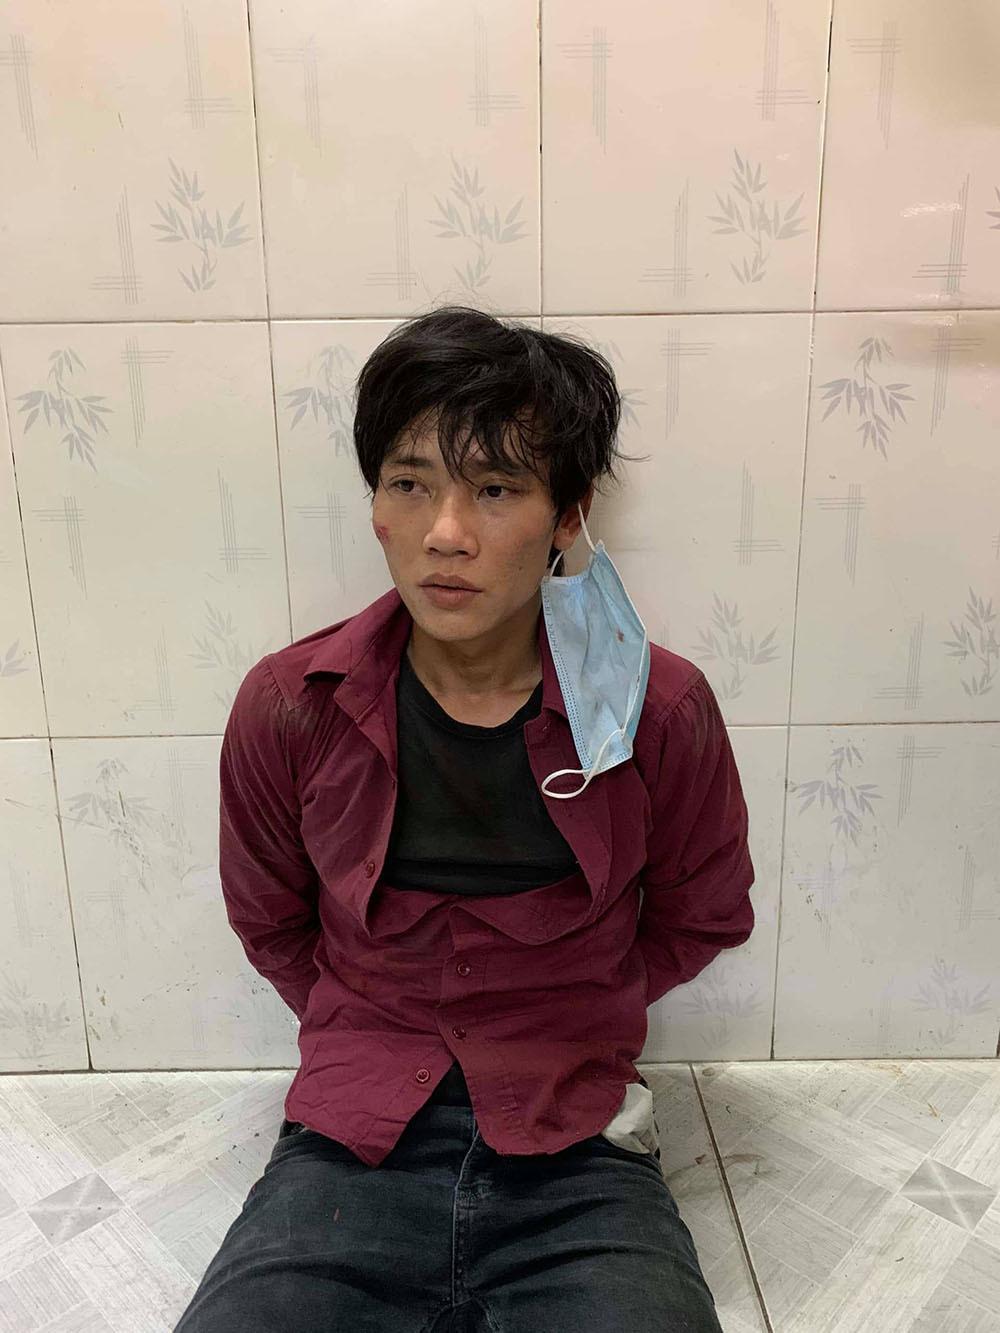 Cảnh sát hình sự truy đuổi 5km bắt kẻ cướp dây chuyền trên đường Sài Gòn